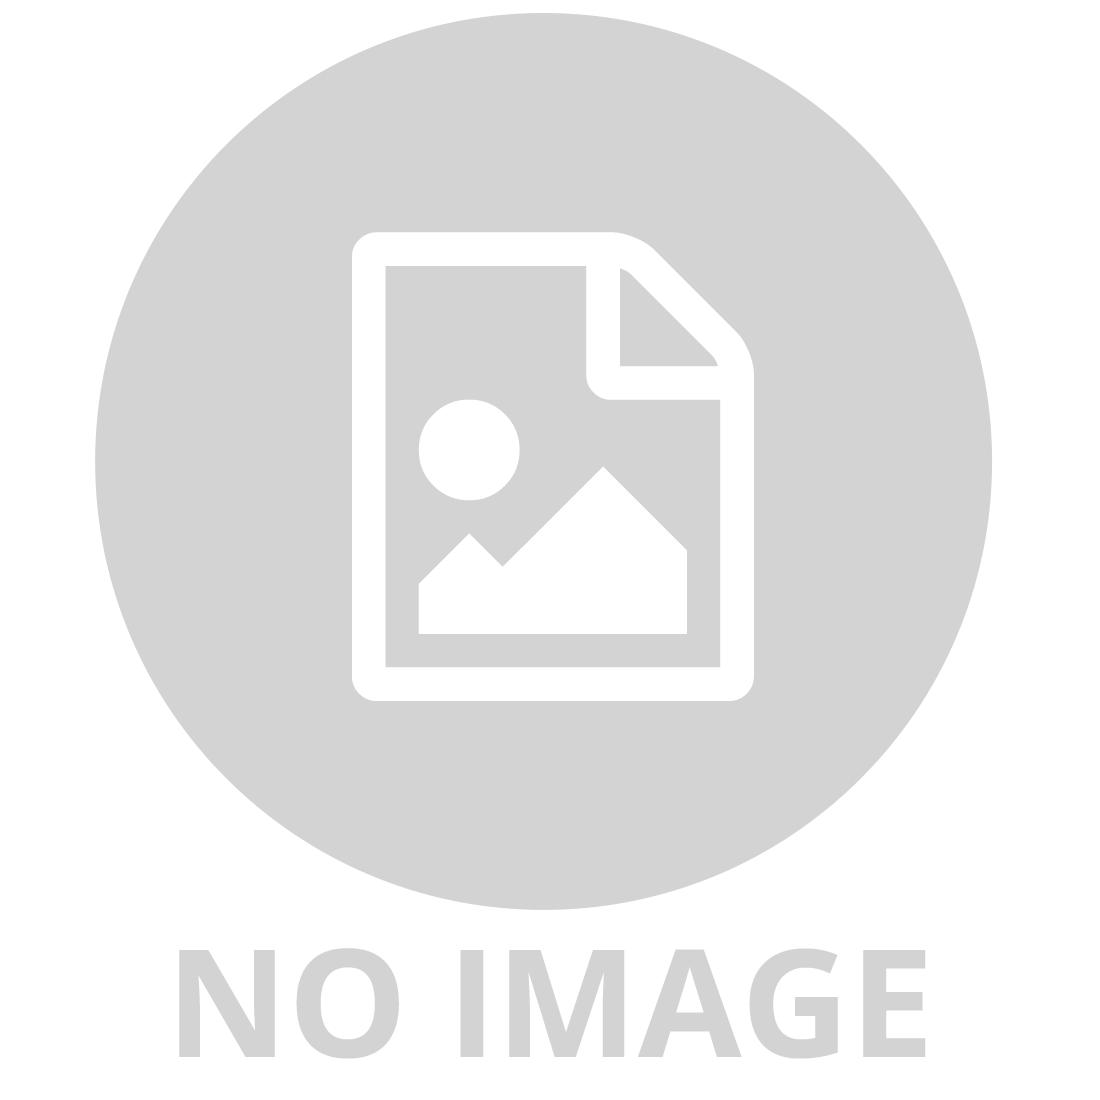 REGENT SPORT OFFICIAL QUOITS